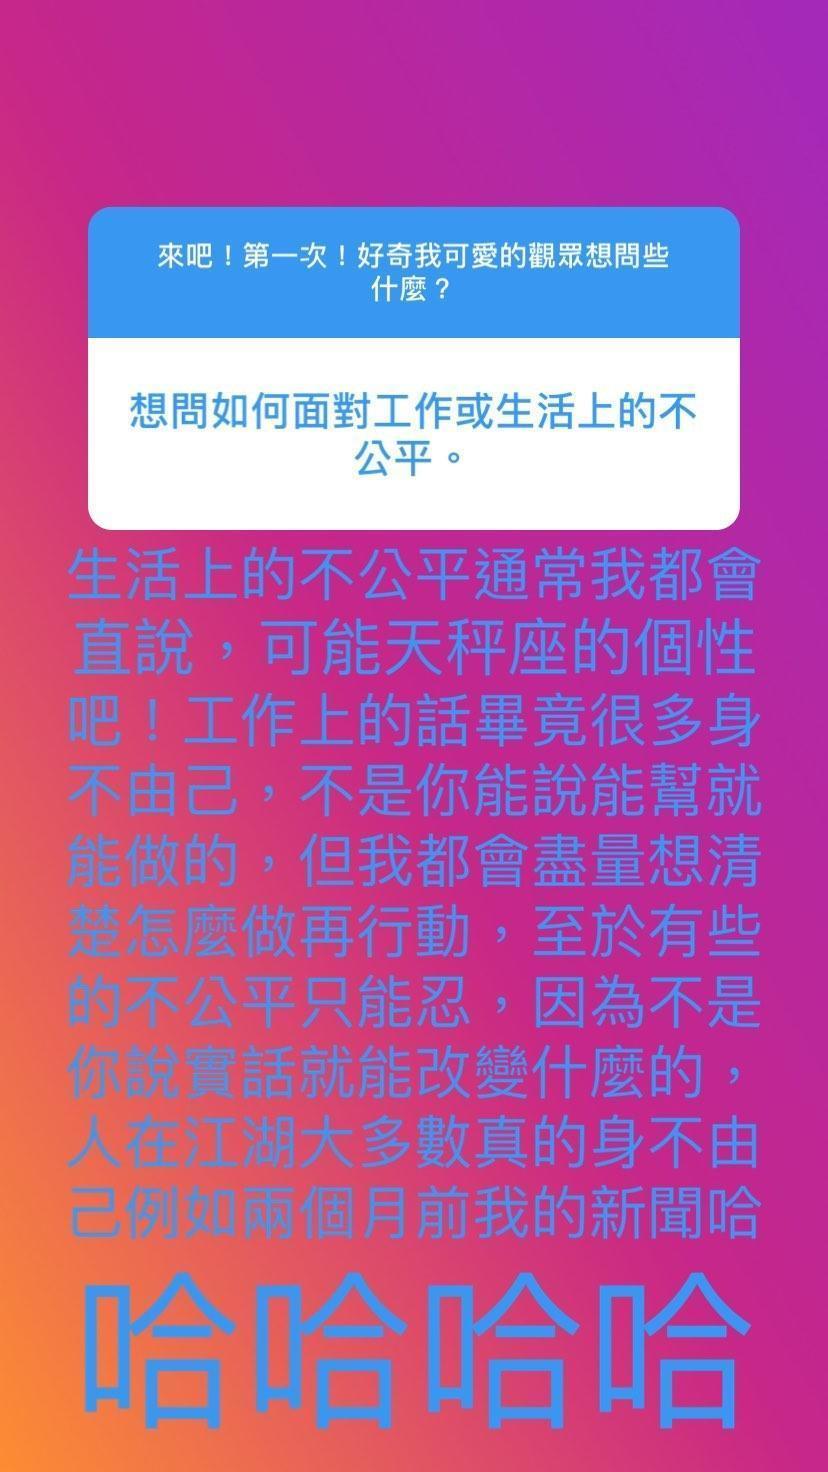 提到2個多月前的緋聞,張書豪則表示「人在江湖大多數真的身不由己」。(翻攝自張書豪IG)